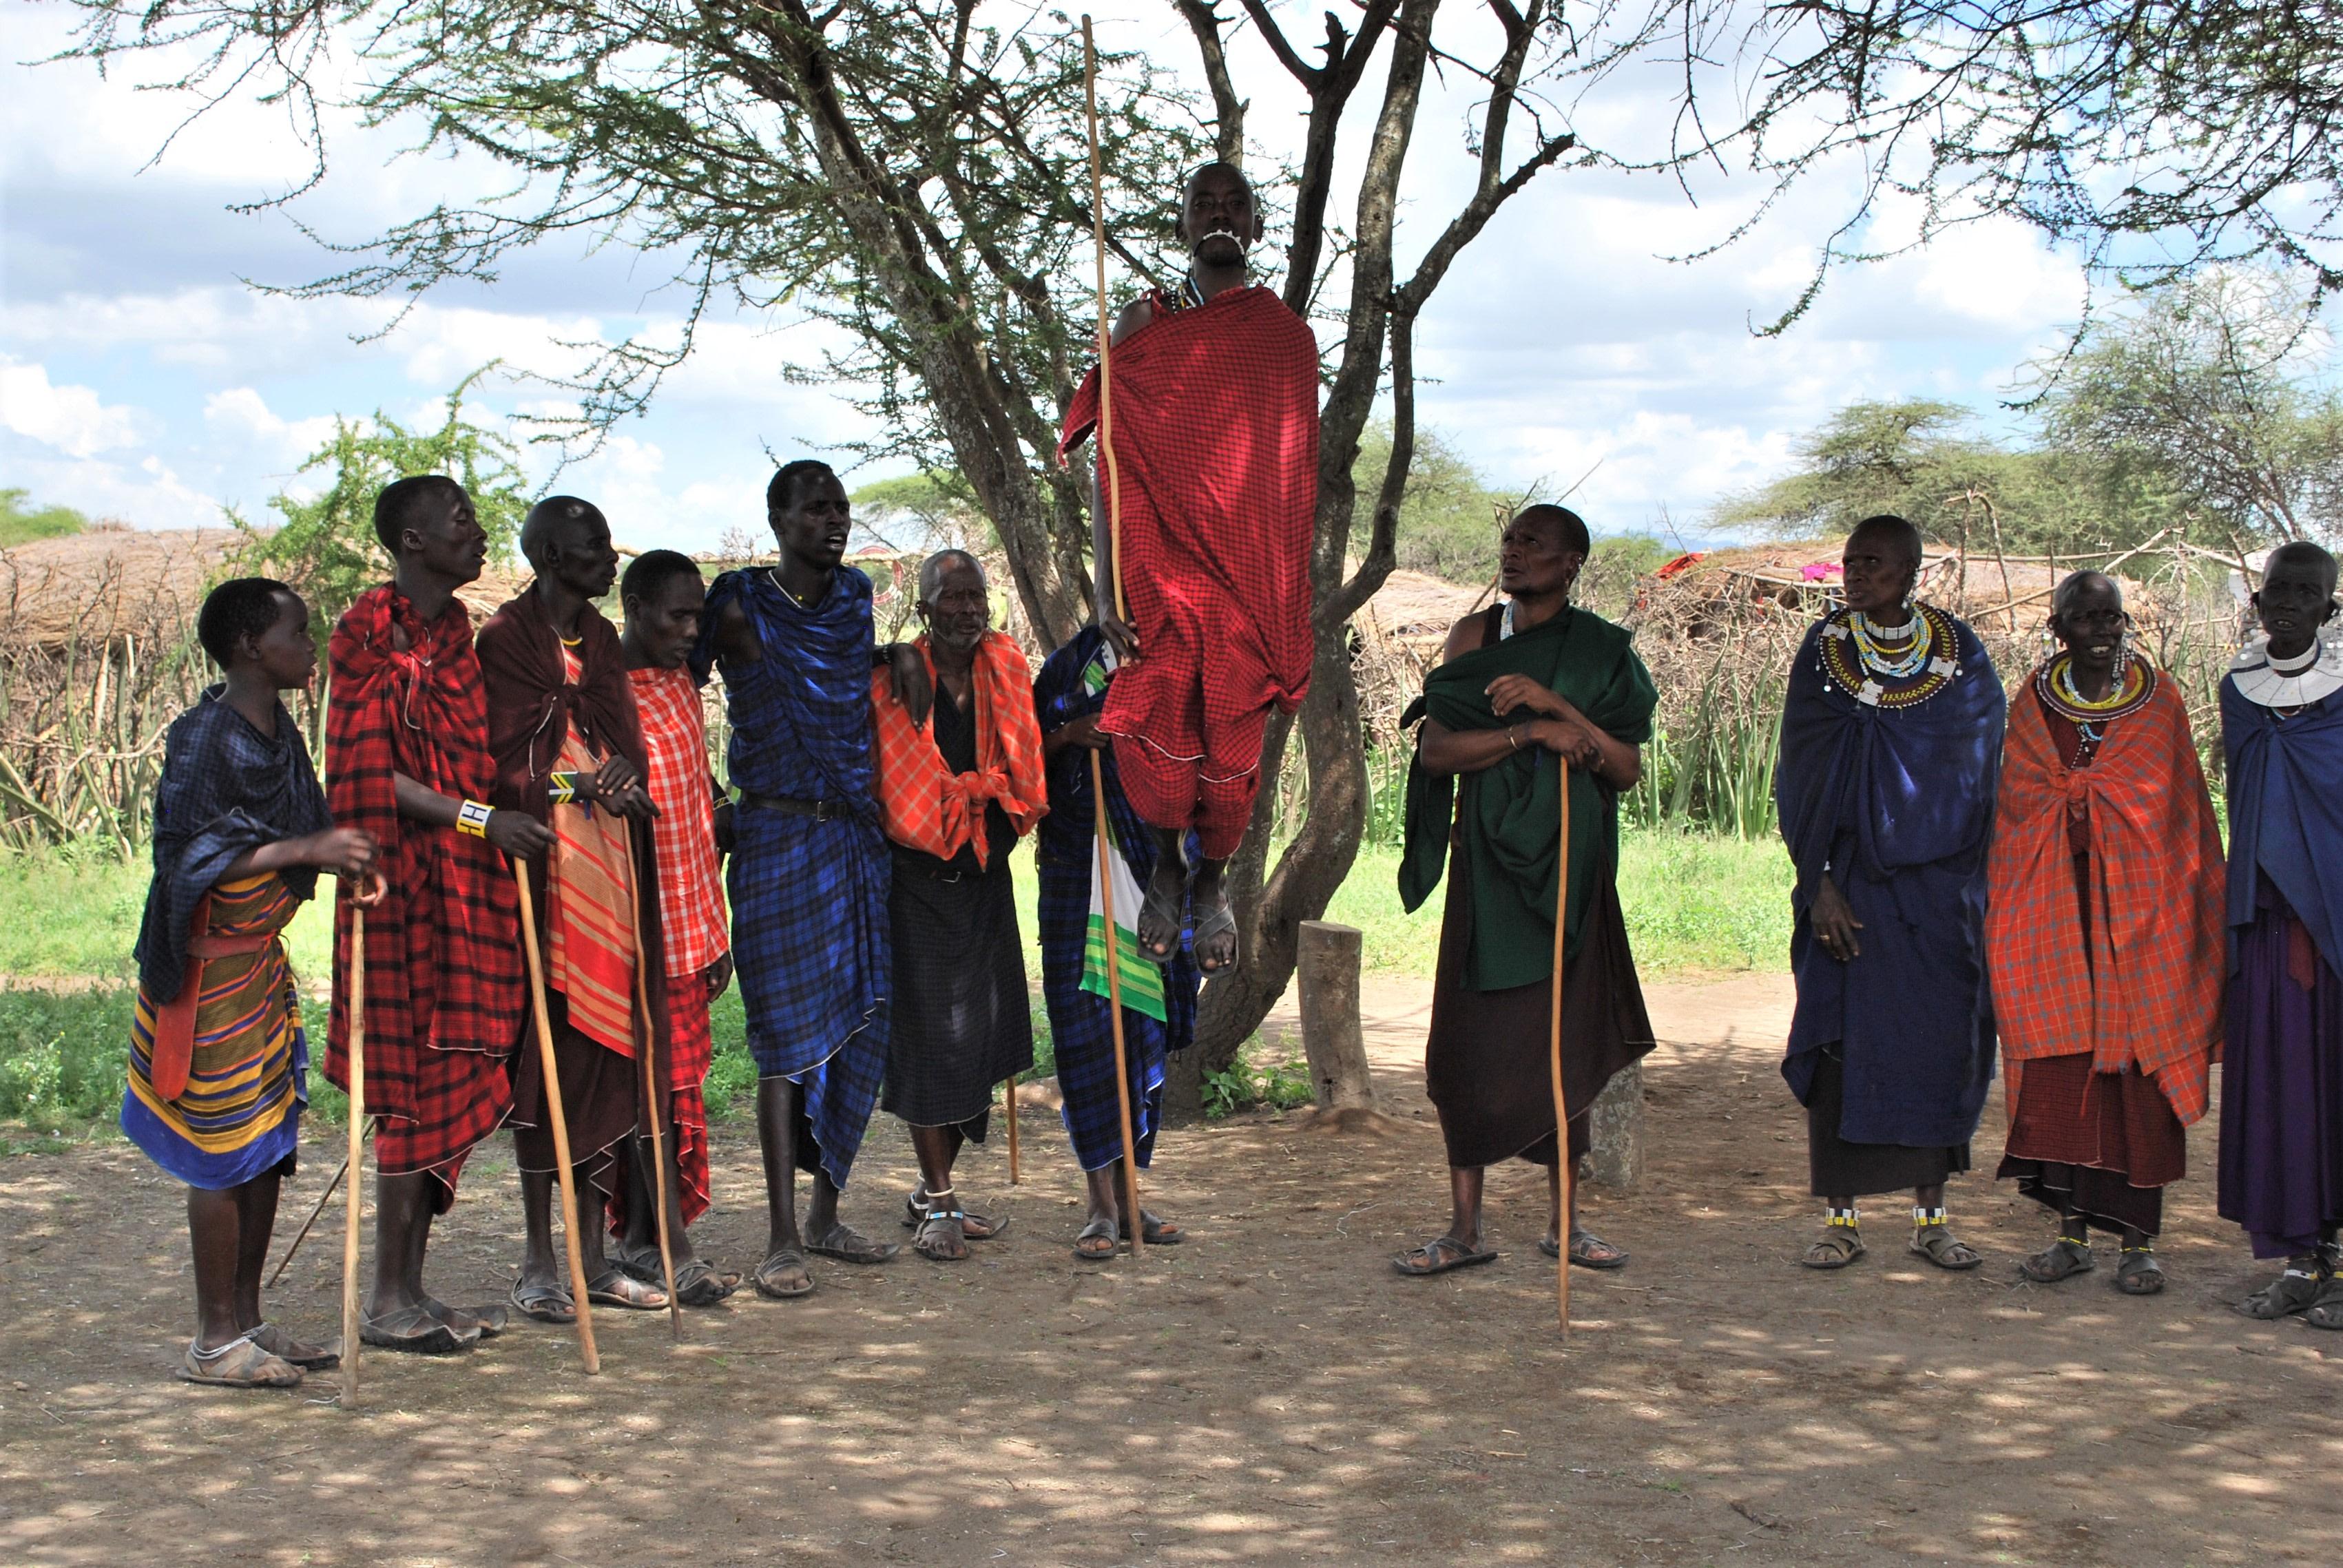 Masai Mara Local Tribe